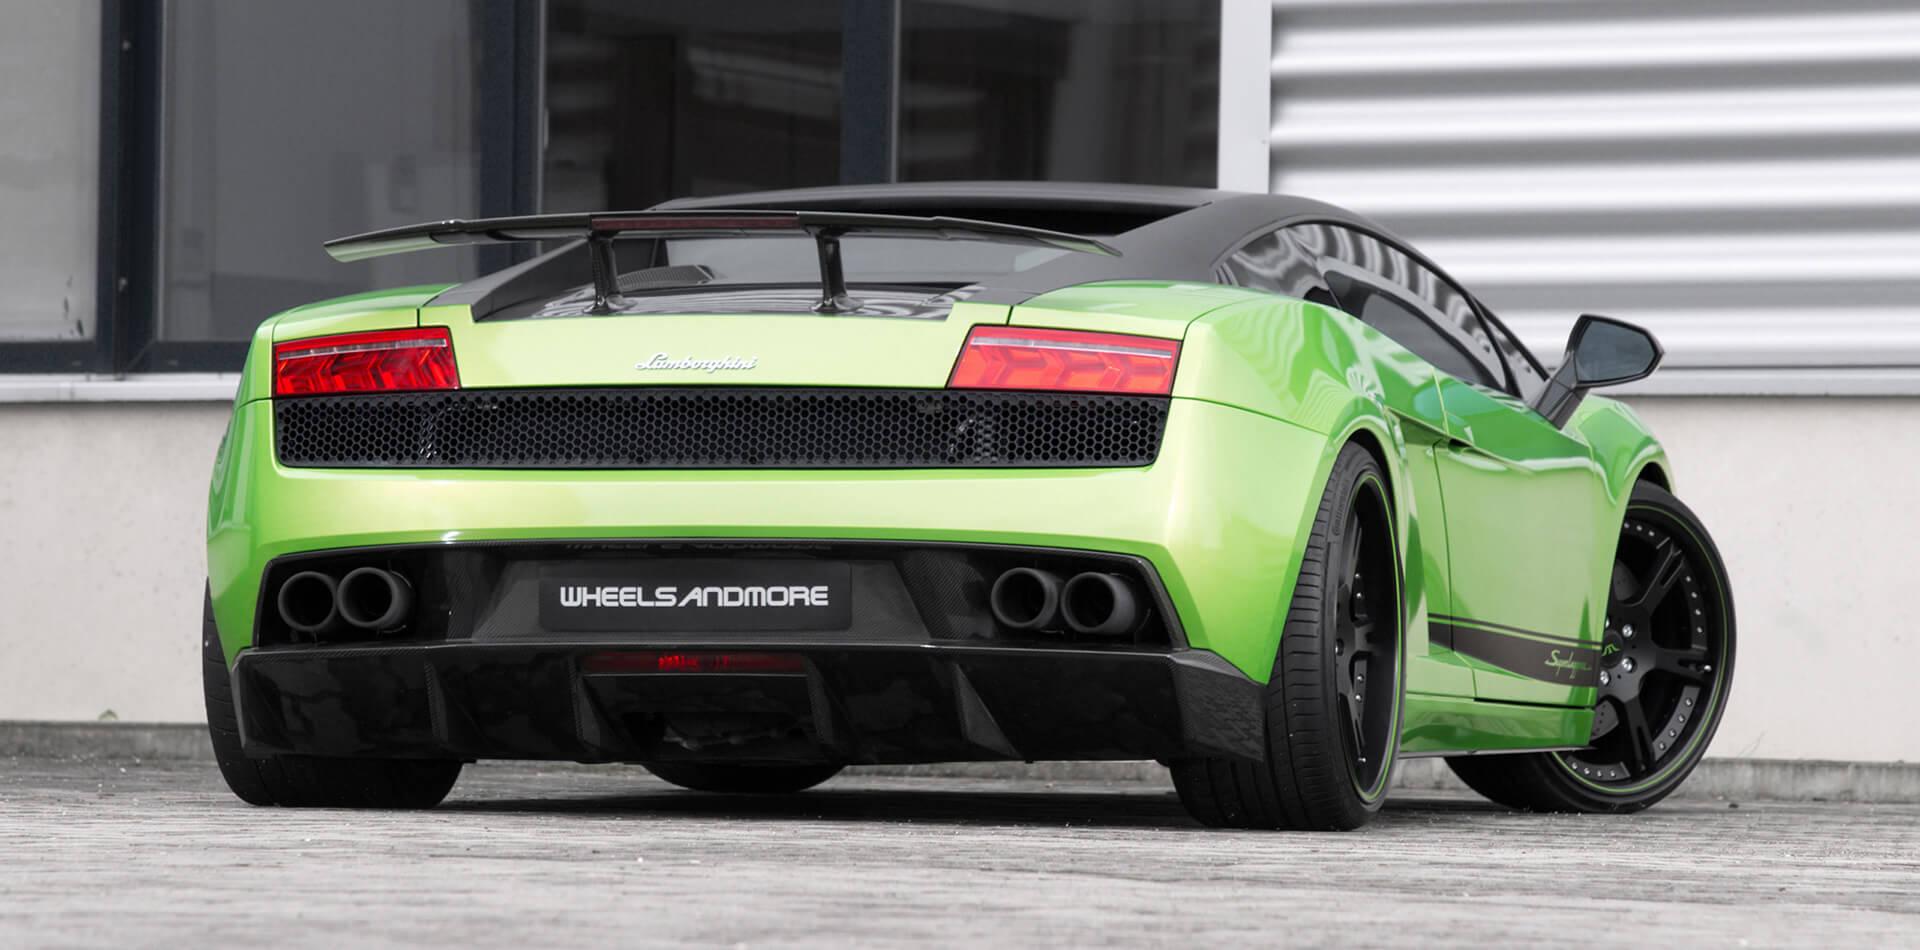 Klappenauspuffanlage mit TÜV-Zulassung für Lamborghini Gallardo Superleggera